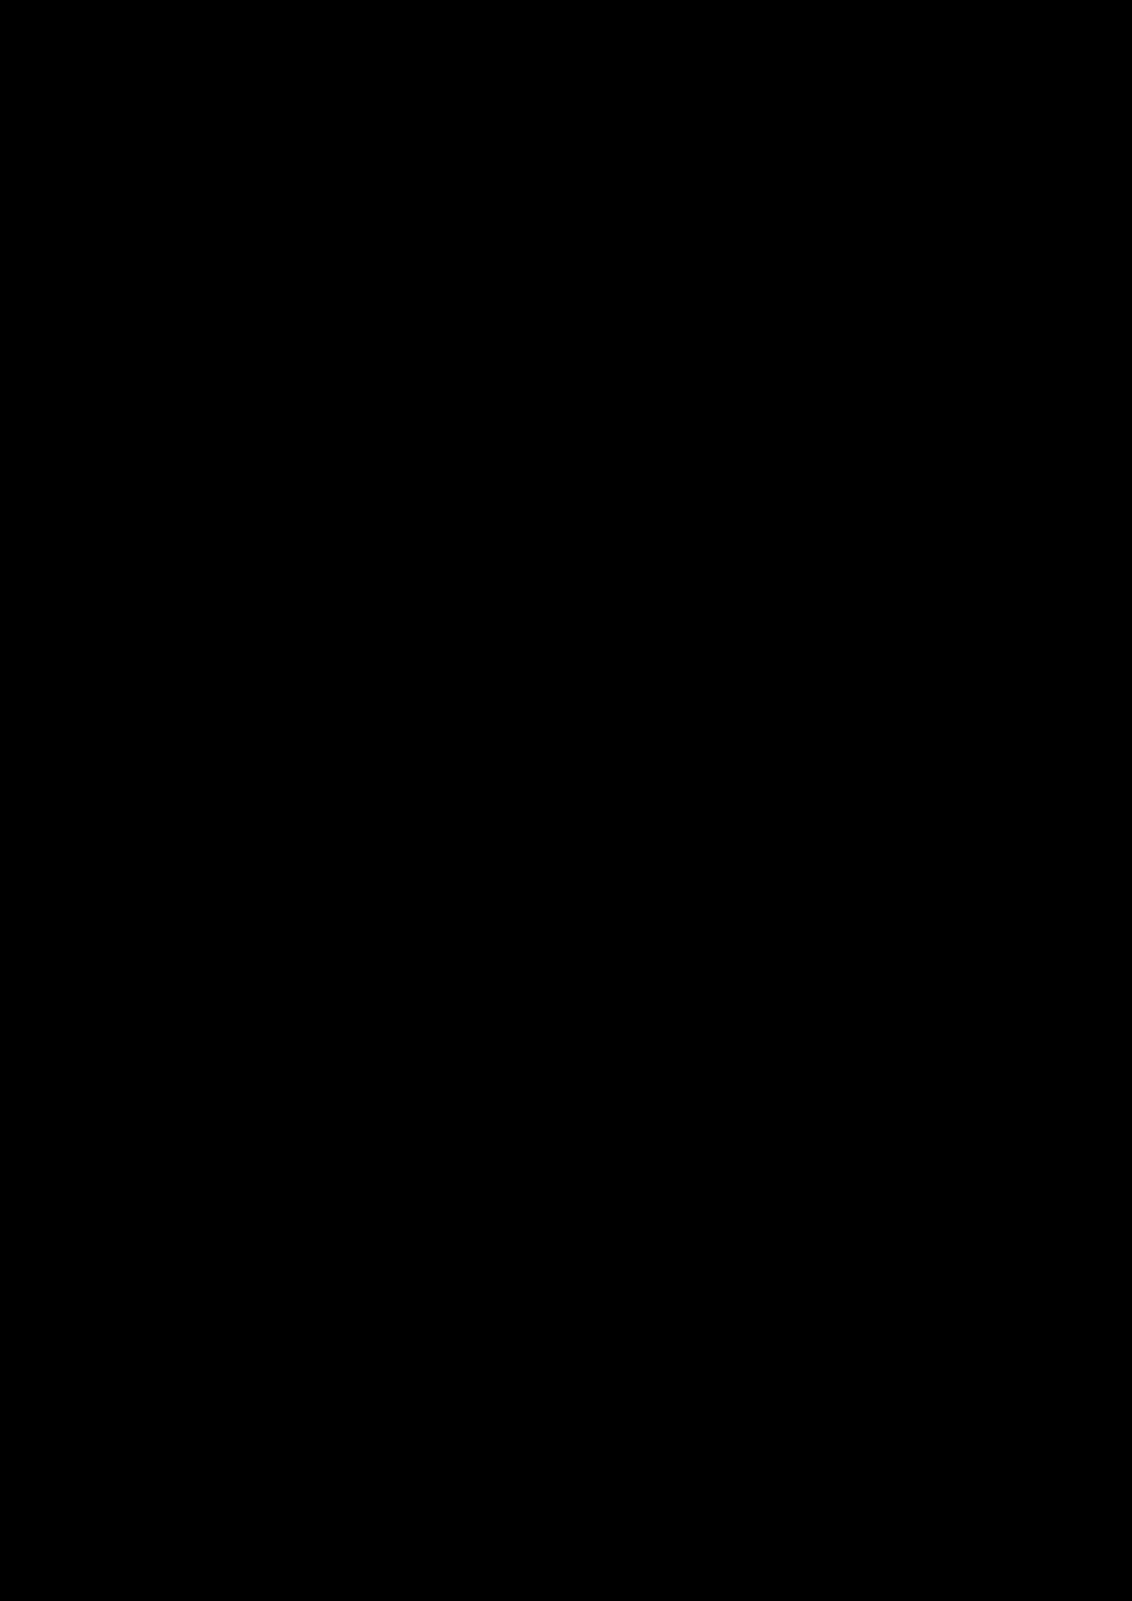 Serdtse slide, Image 36